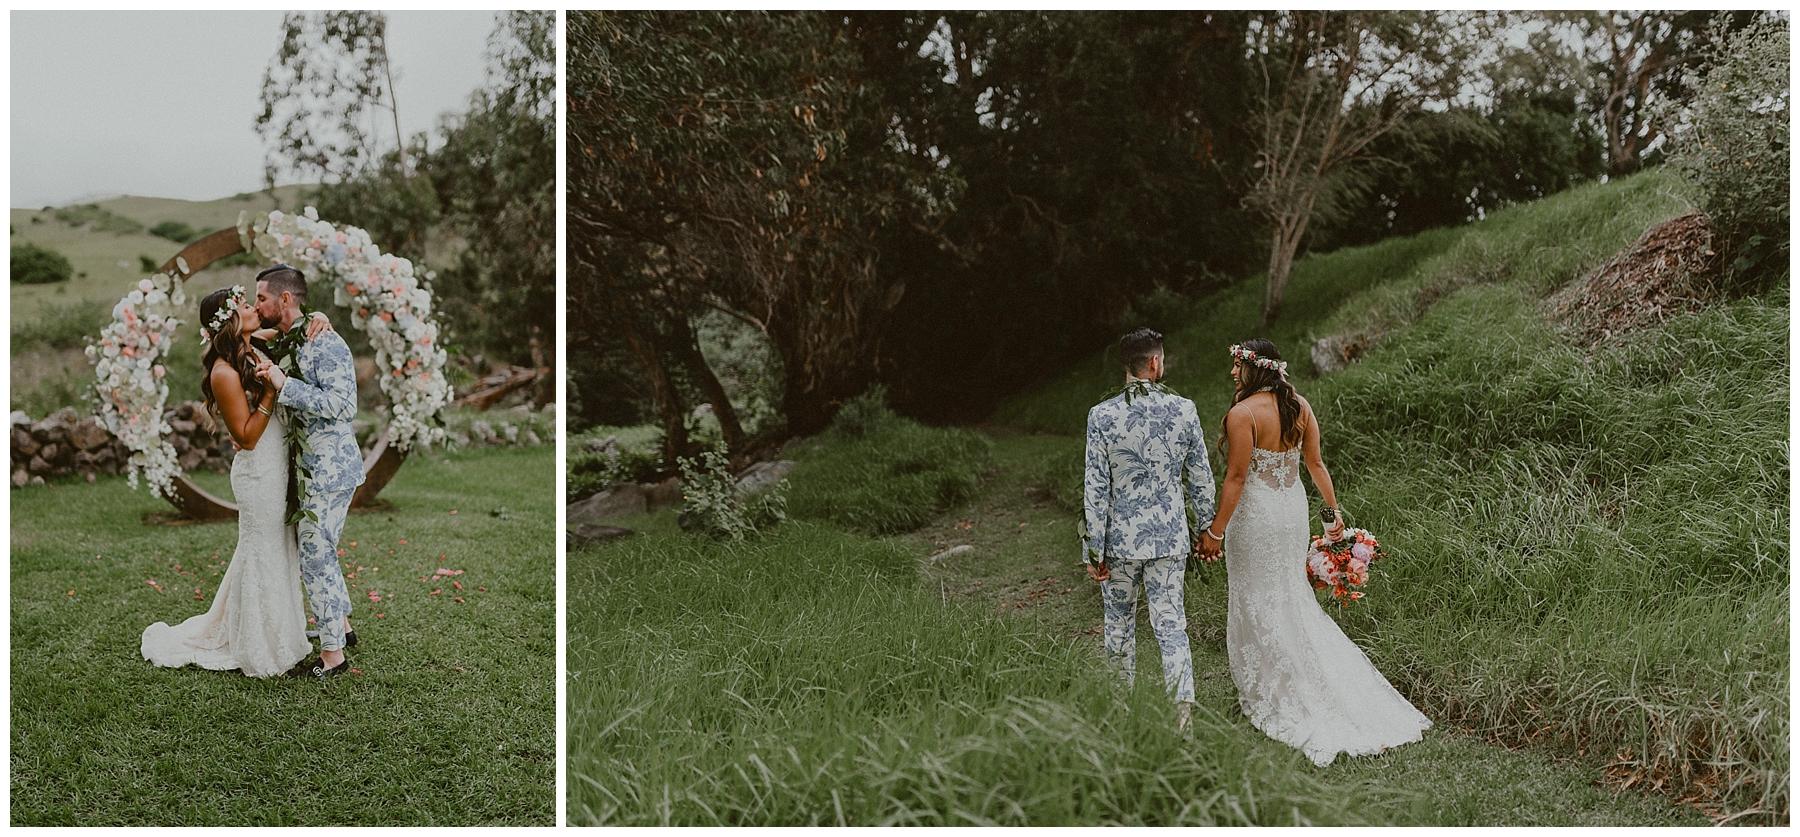 Bliss in Bloom Kailua Kona Hawaii Wedding Event Coordination_0132.jpg